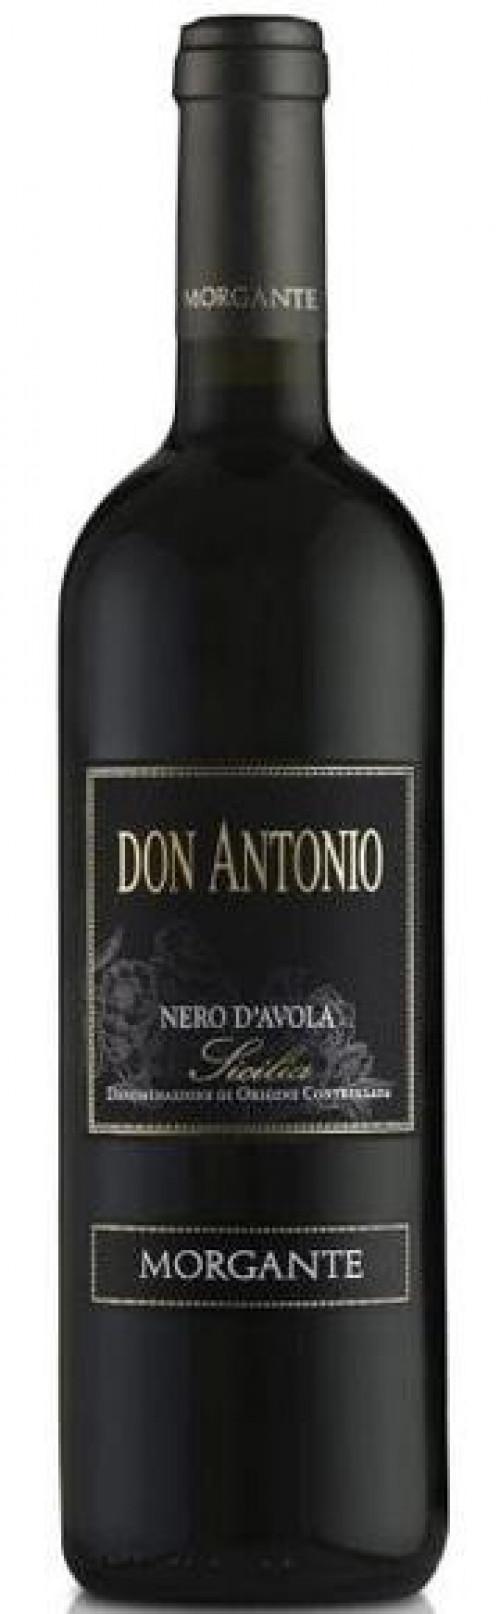 Morgante Nero d'Avola Riserva Don Antonio 750ml